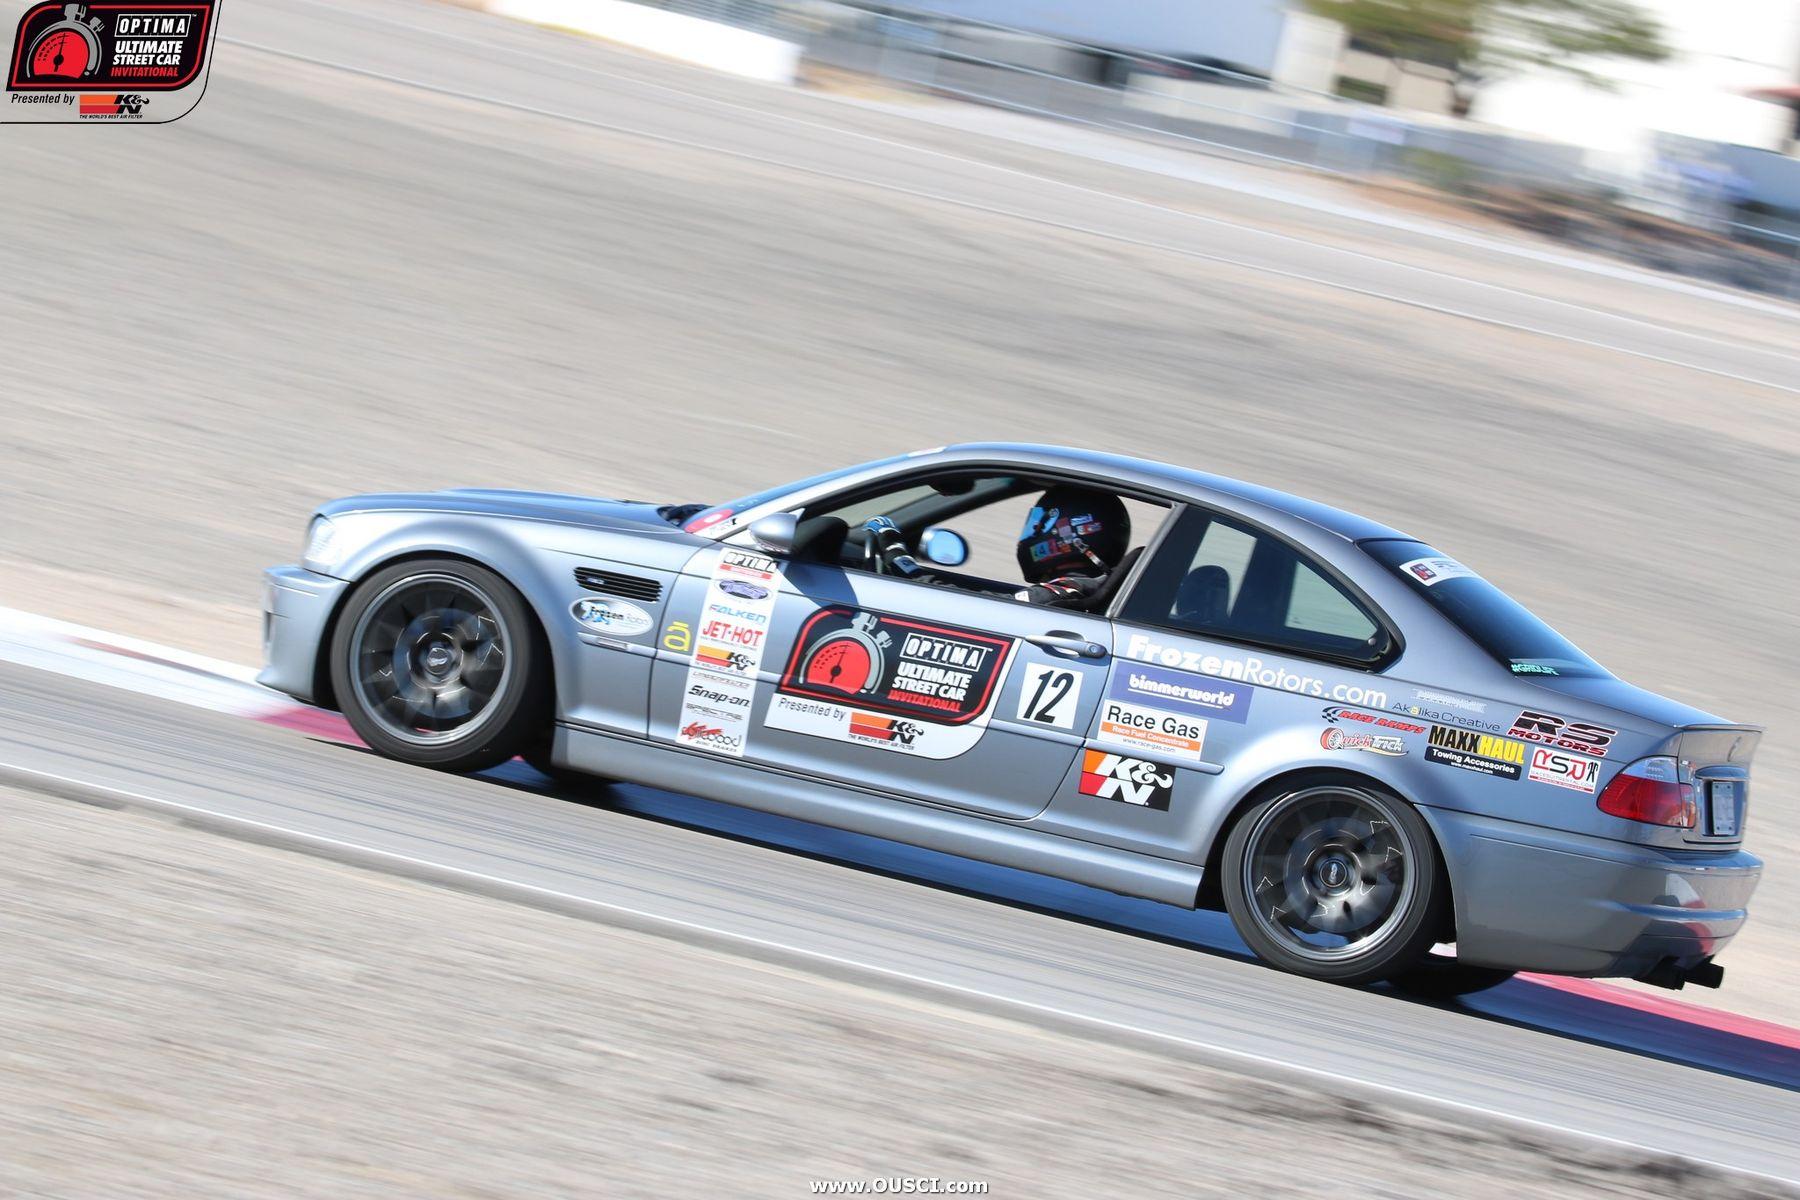 2003 BMW M3 | Matt DeReus' 2003 BMW M3